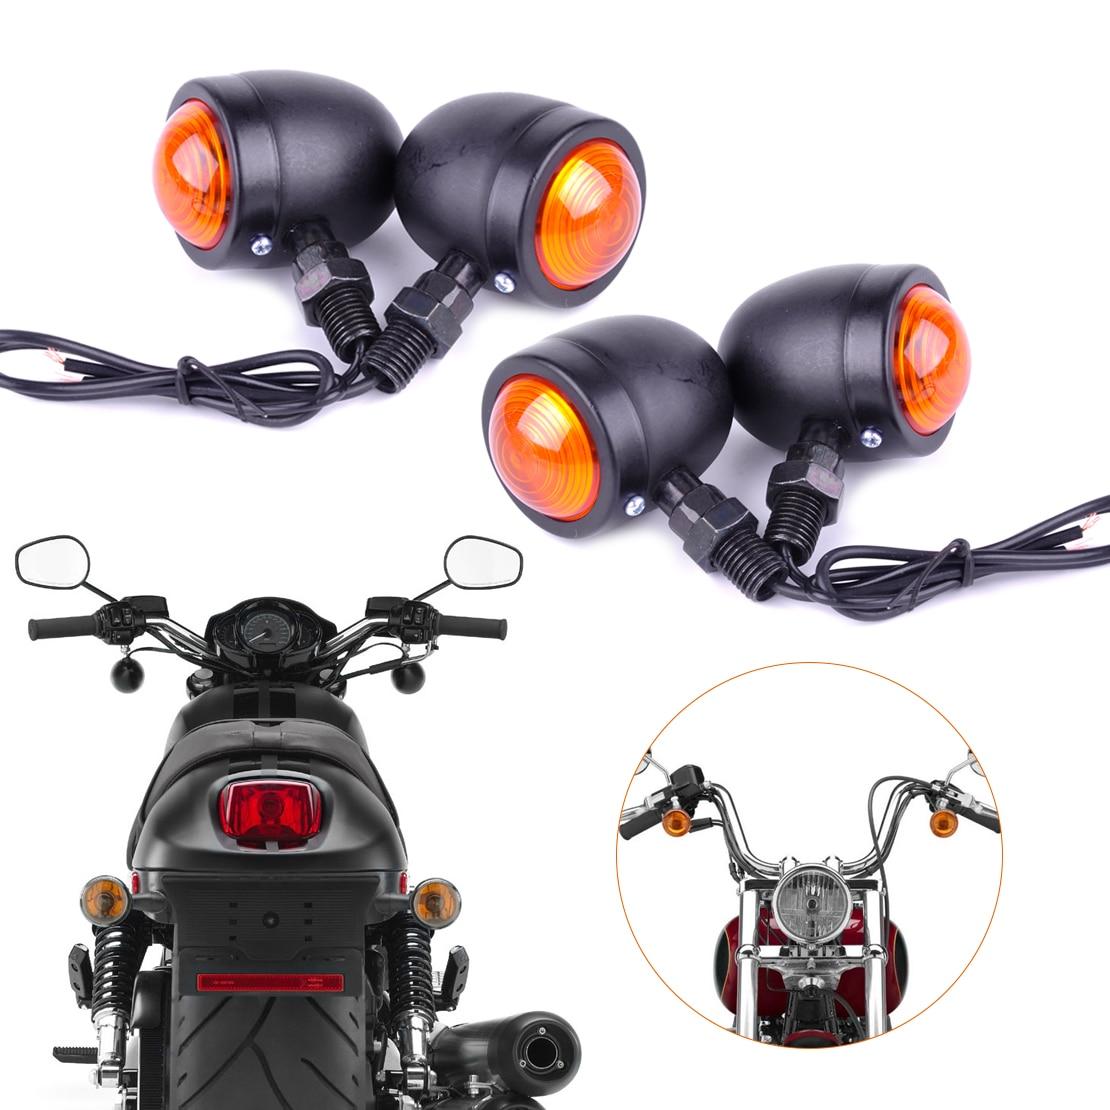 Harley Bobber Chopper Yamaha Suzuki Kawasaki Kir Velosiped üçün DWCX Motosiklet 4x 12V Güllə Dönüş Siqnal Göstərici İşıq lampası